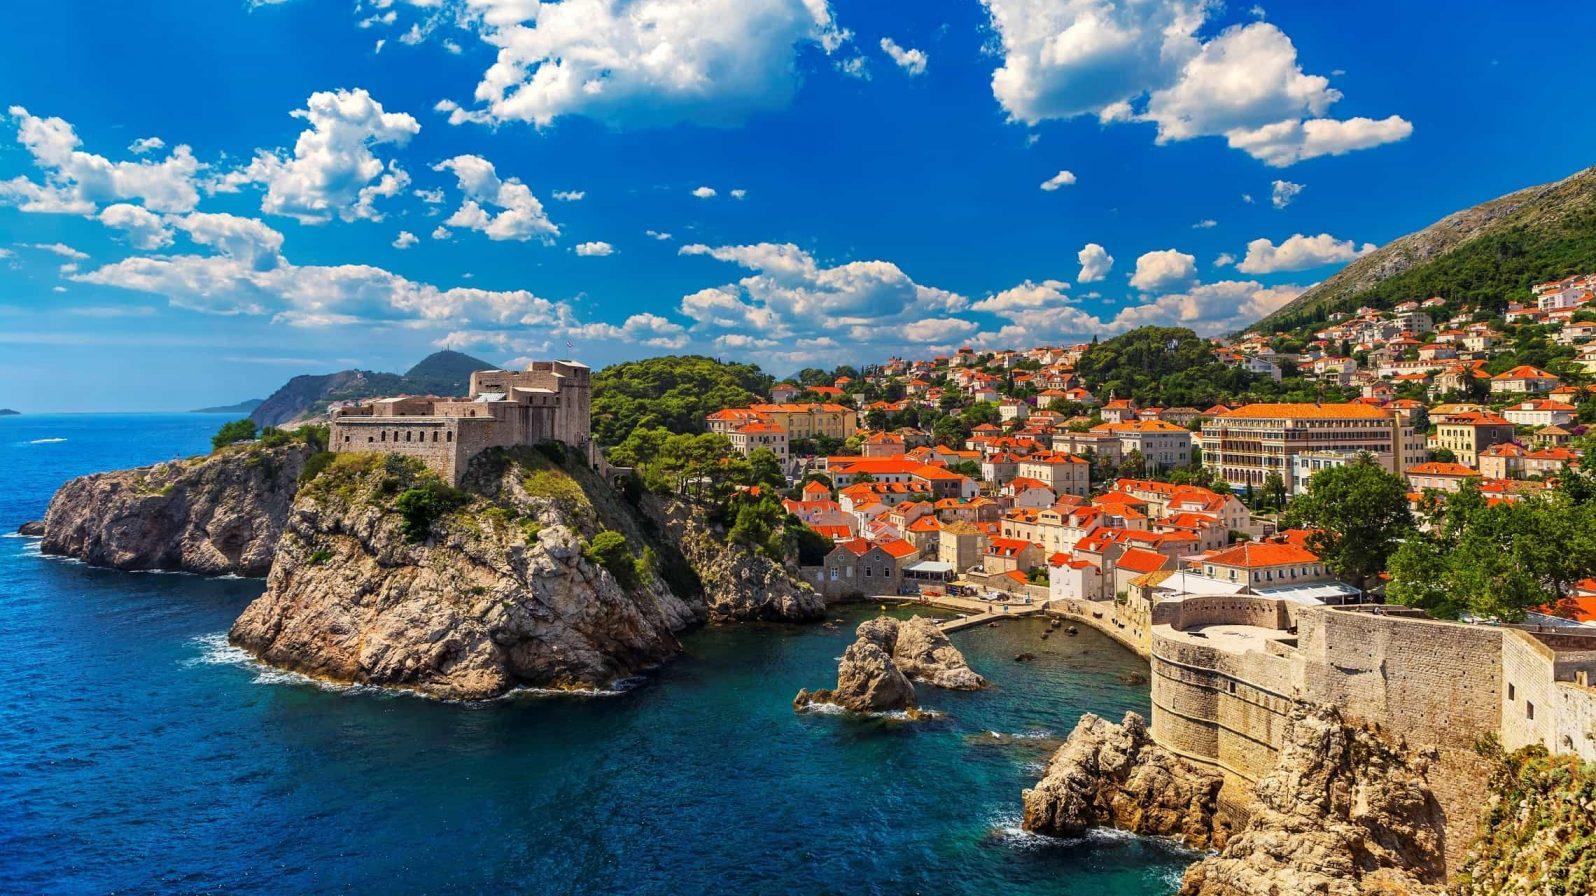 Dubrovnikin-vanhakaupunki-Kroatia-min-1596x896.jpeg